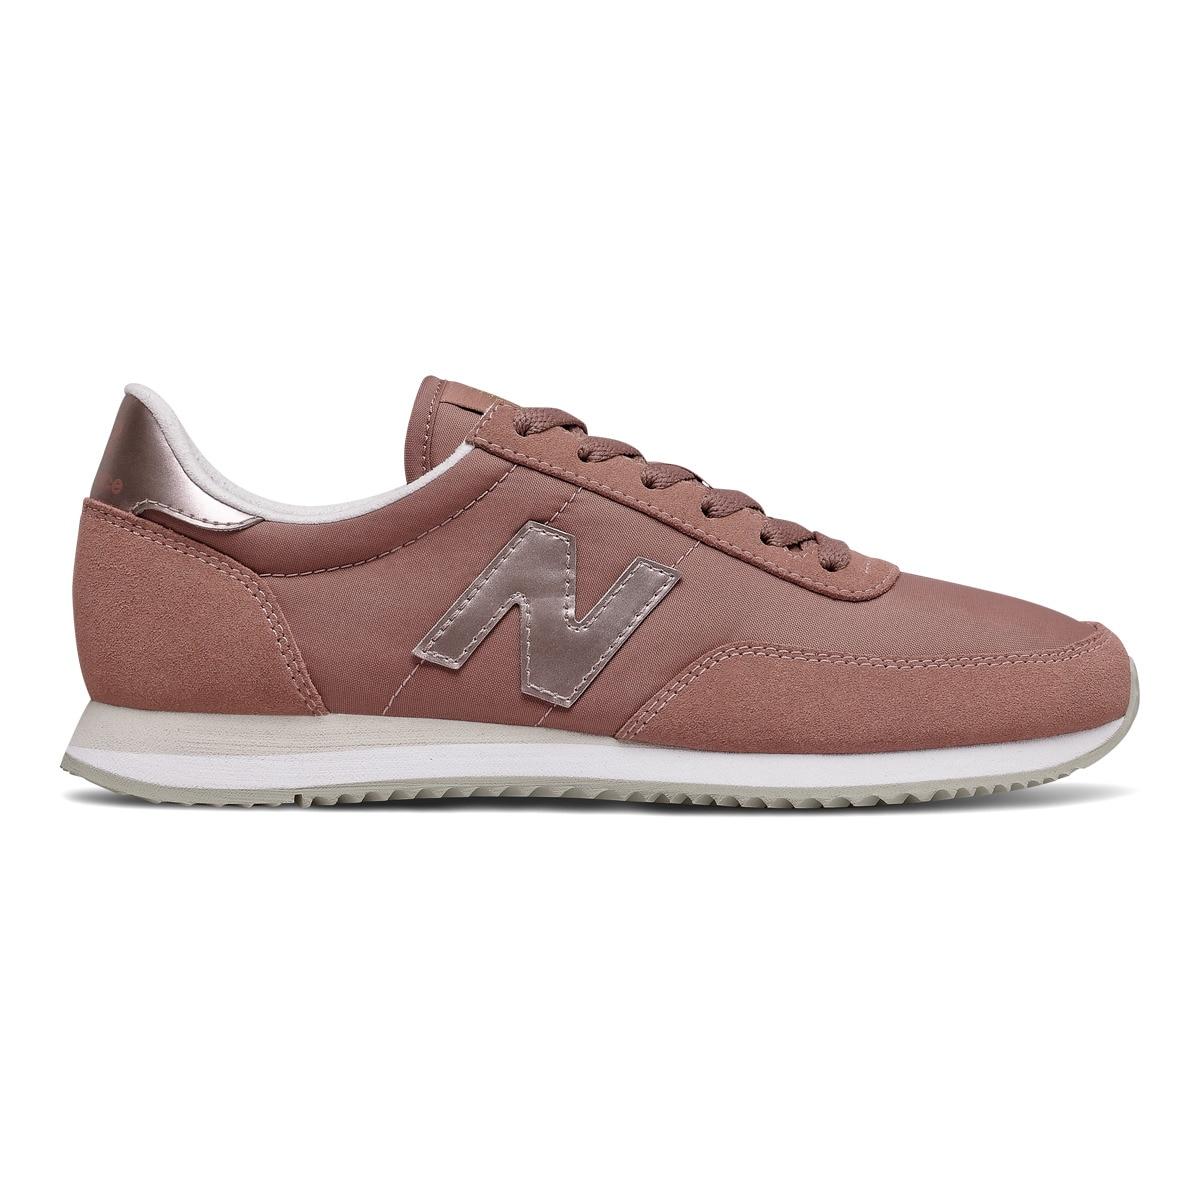 Zapatillas casual de mujer 720 New Balance